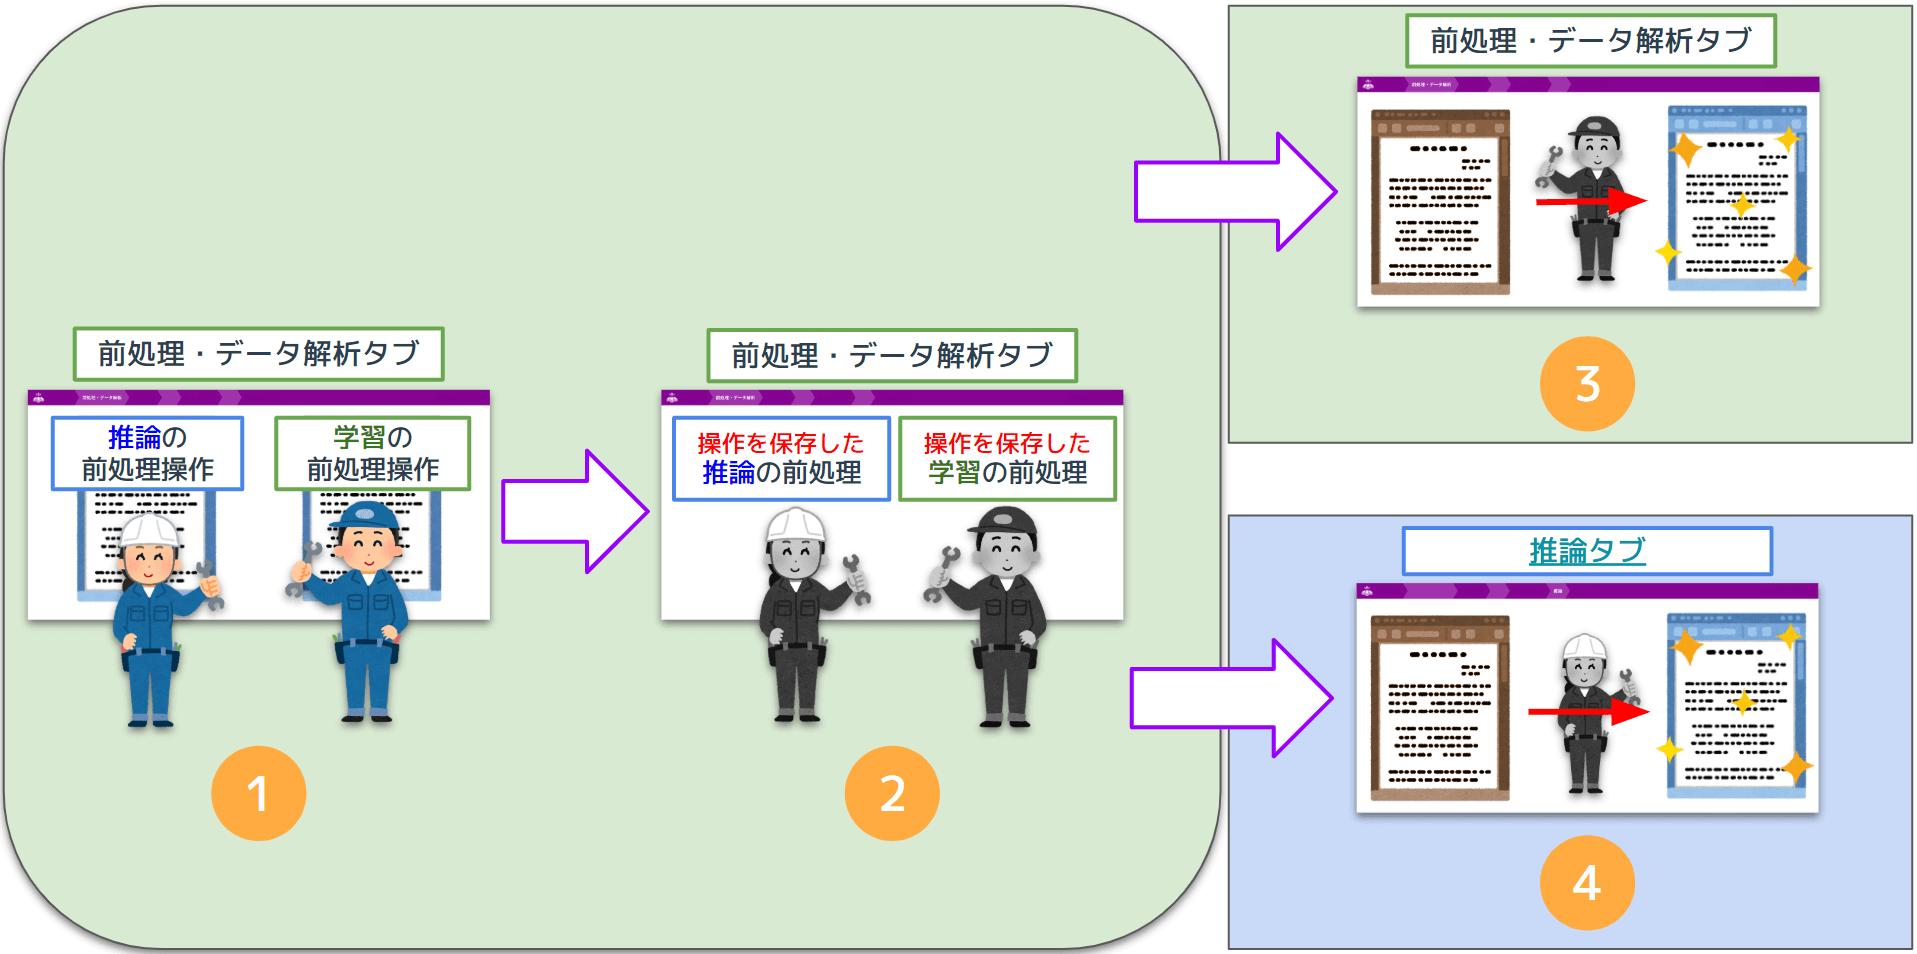 前処理操作の保存(呼び出し)機能について.png